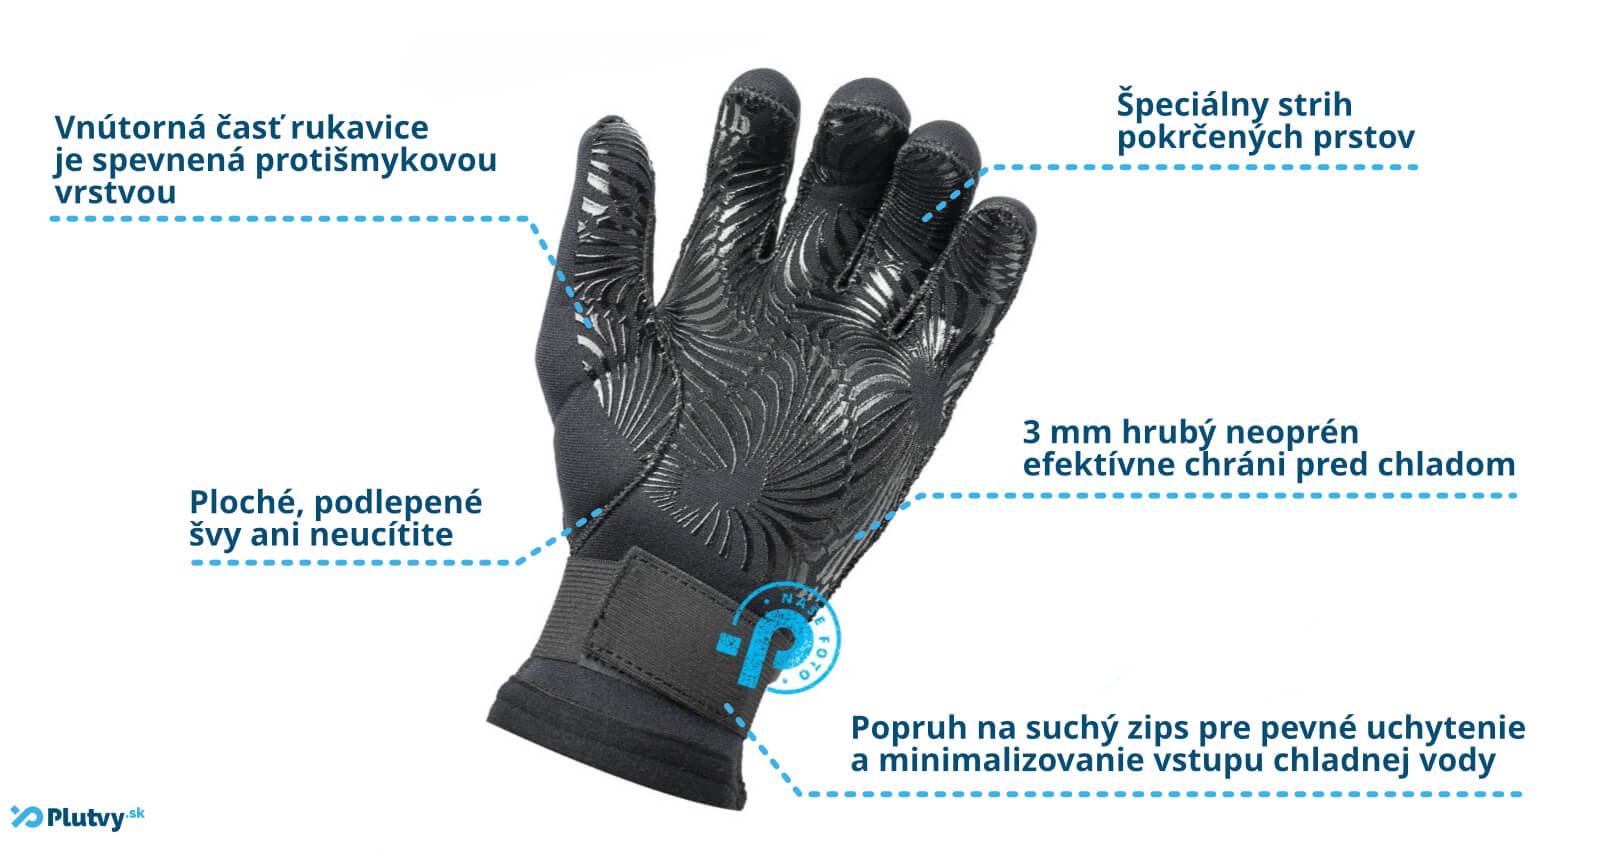 špeciálne neoprénové rukavice hiko grip 3mm, pre vodákov, športovcov, jazdu na skútri, v Plutvy.sk v Bratislave